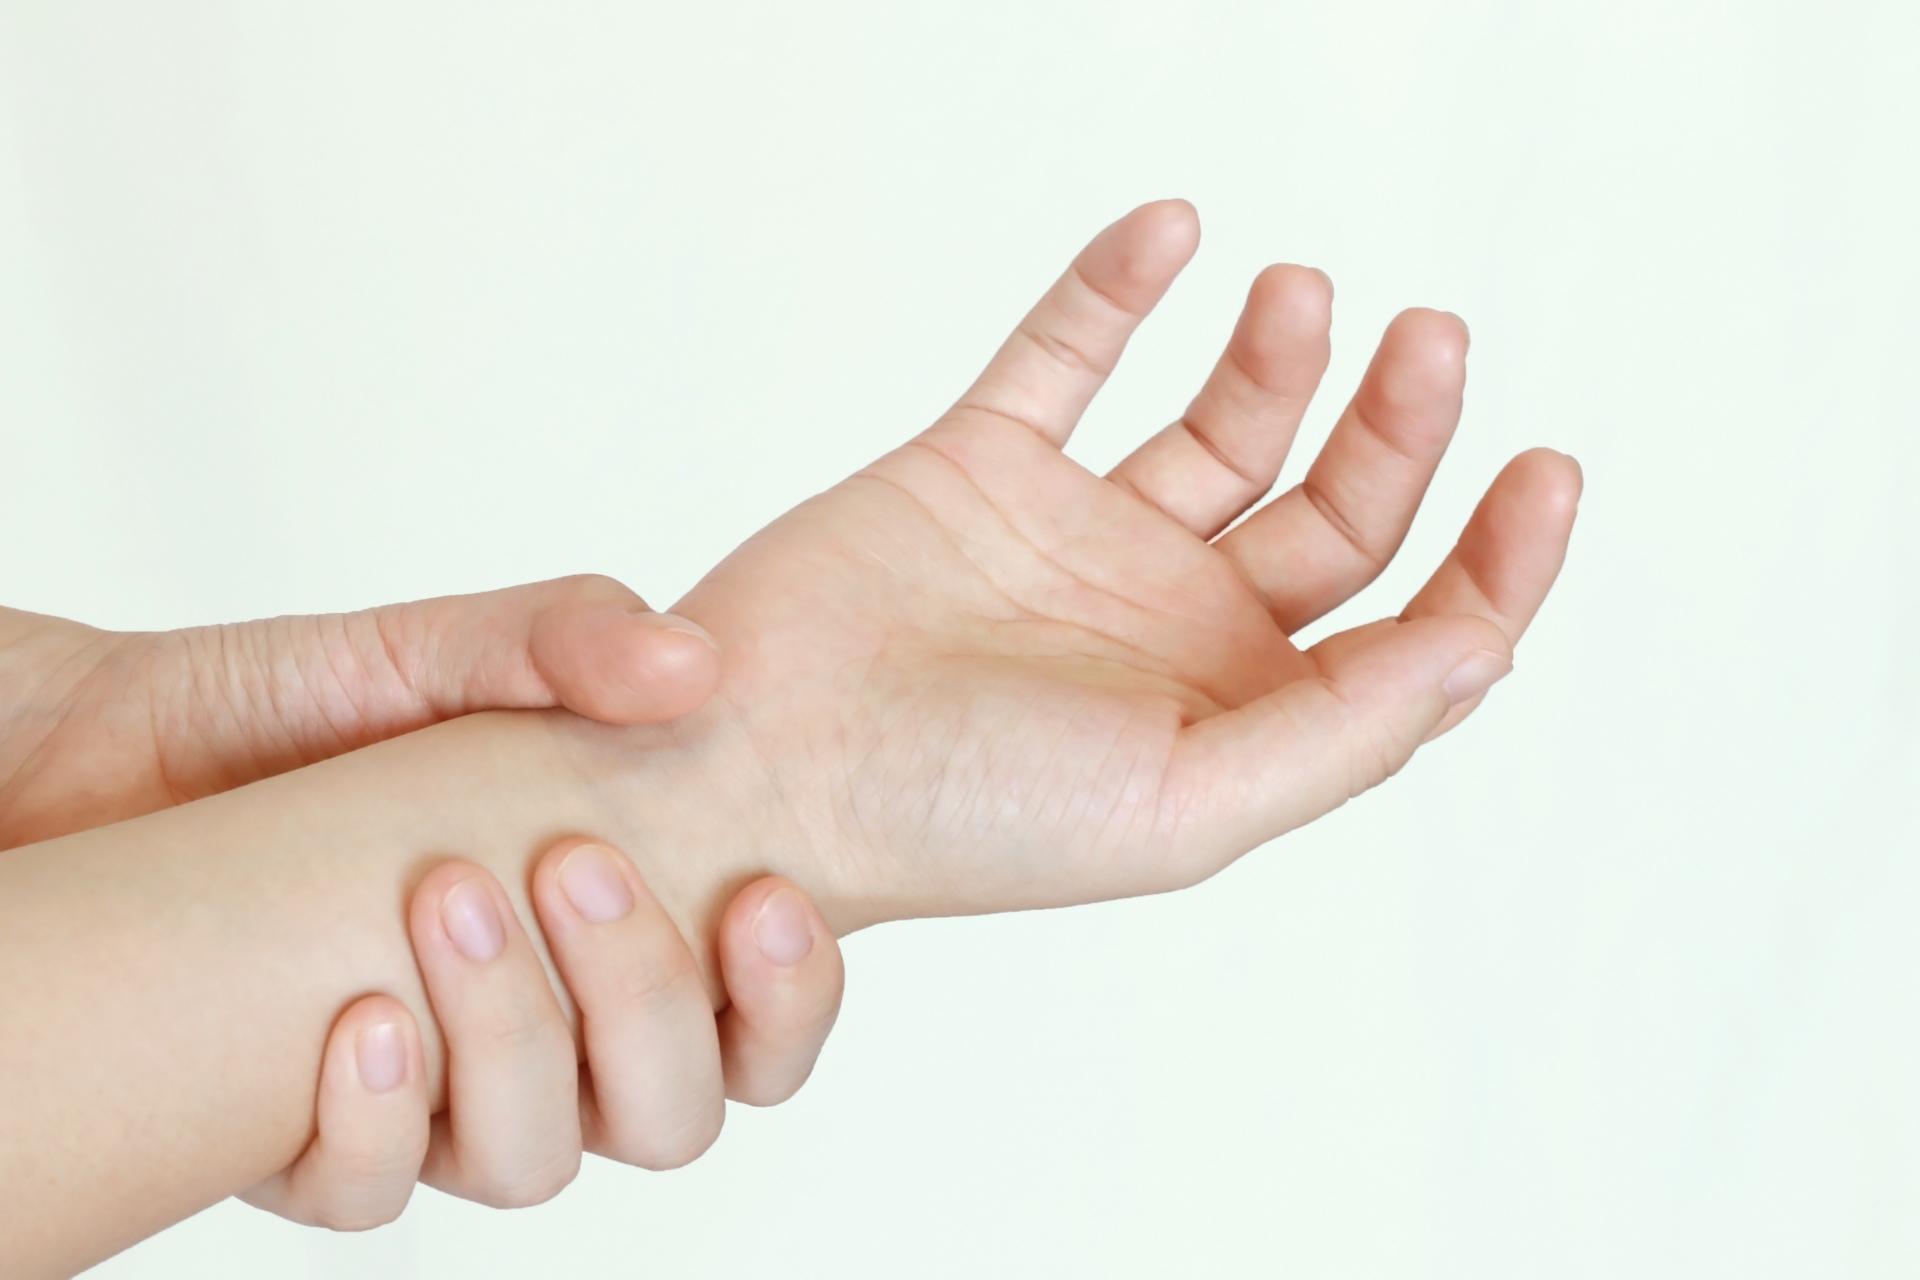 finger-pain